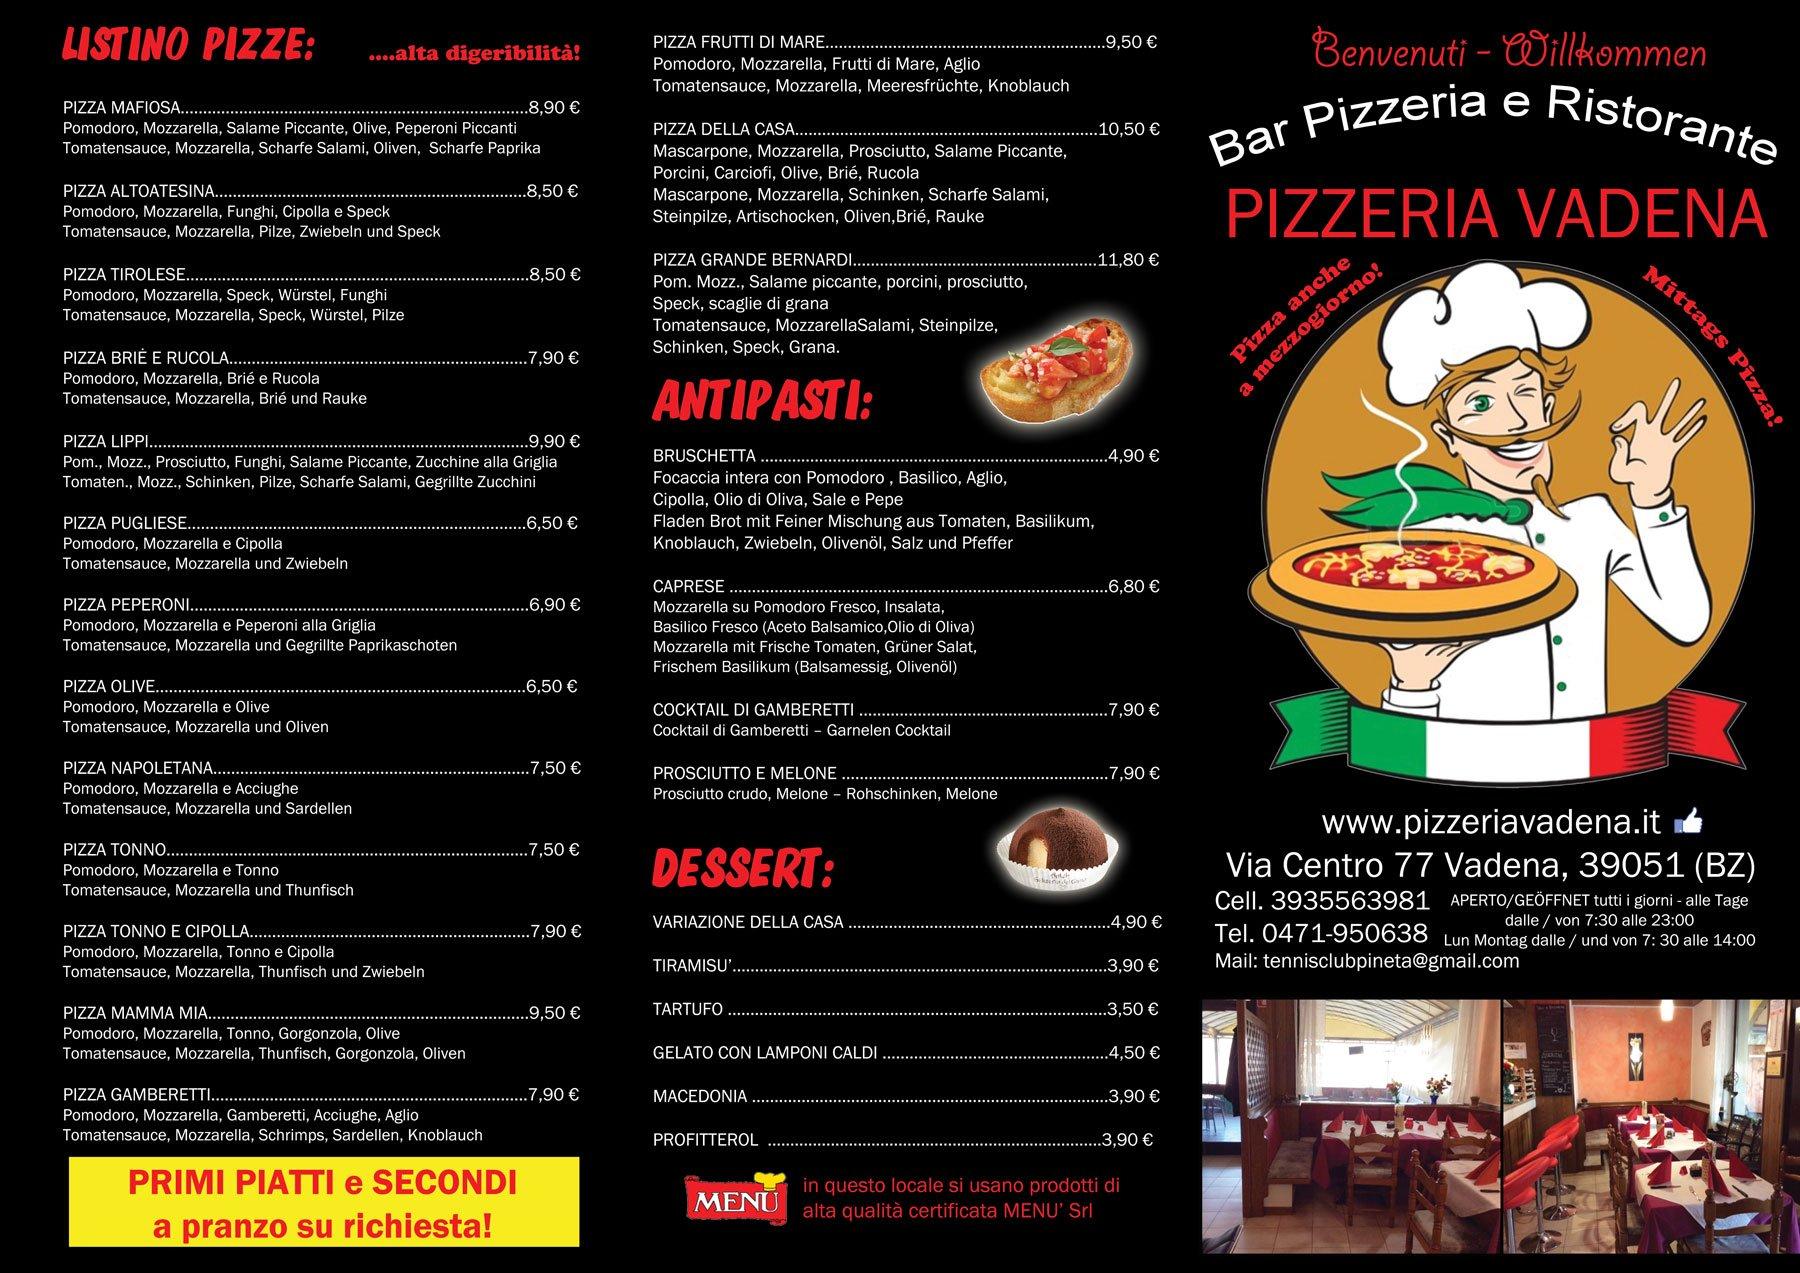 Menù del ristorante pizzeria